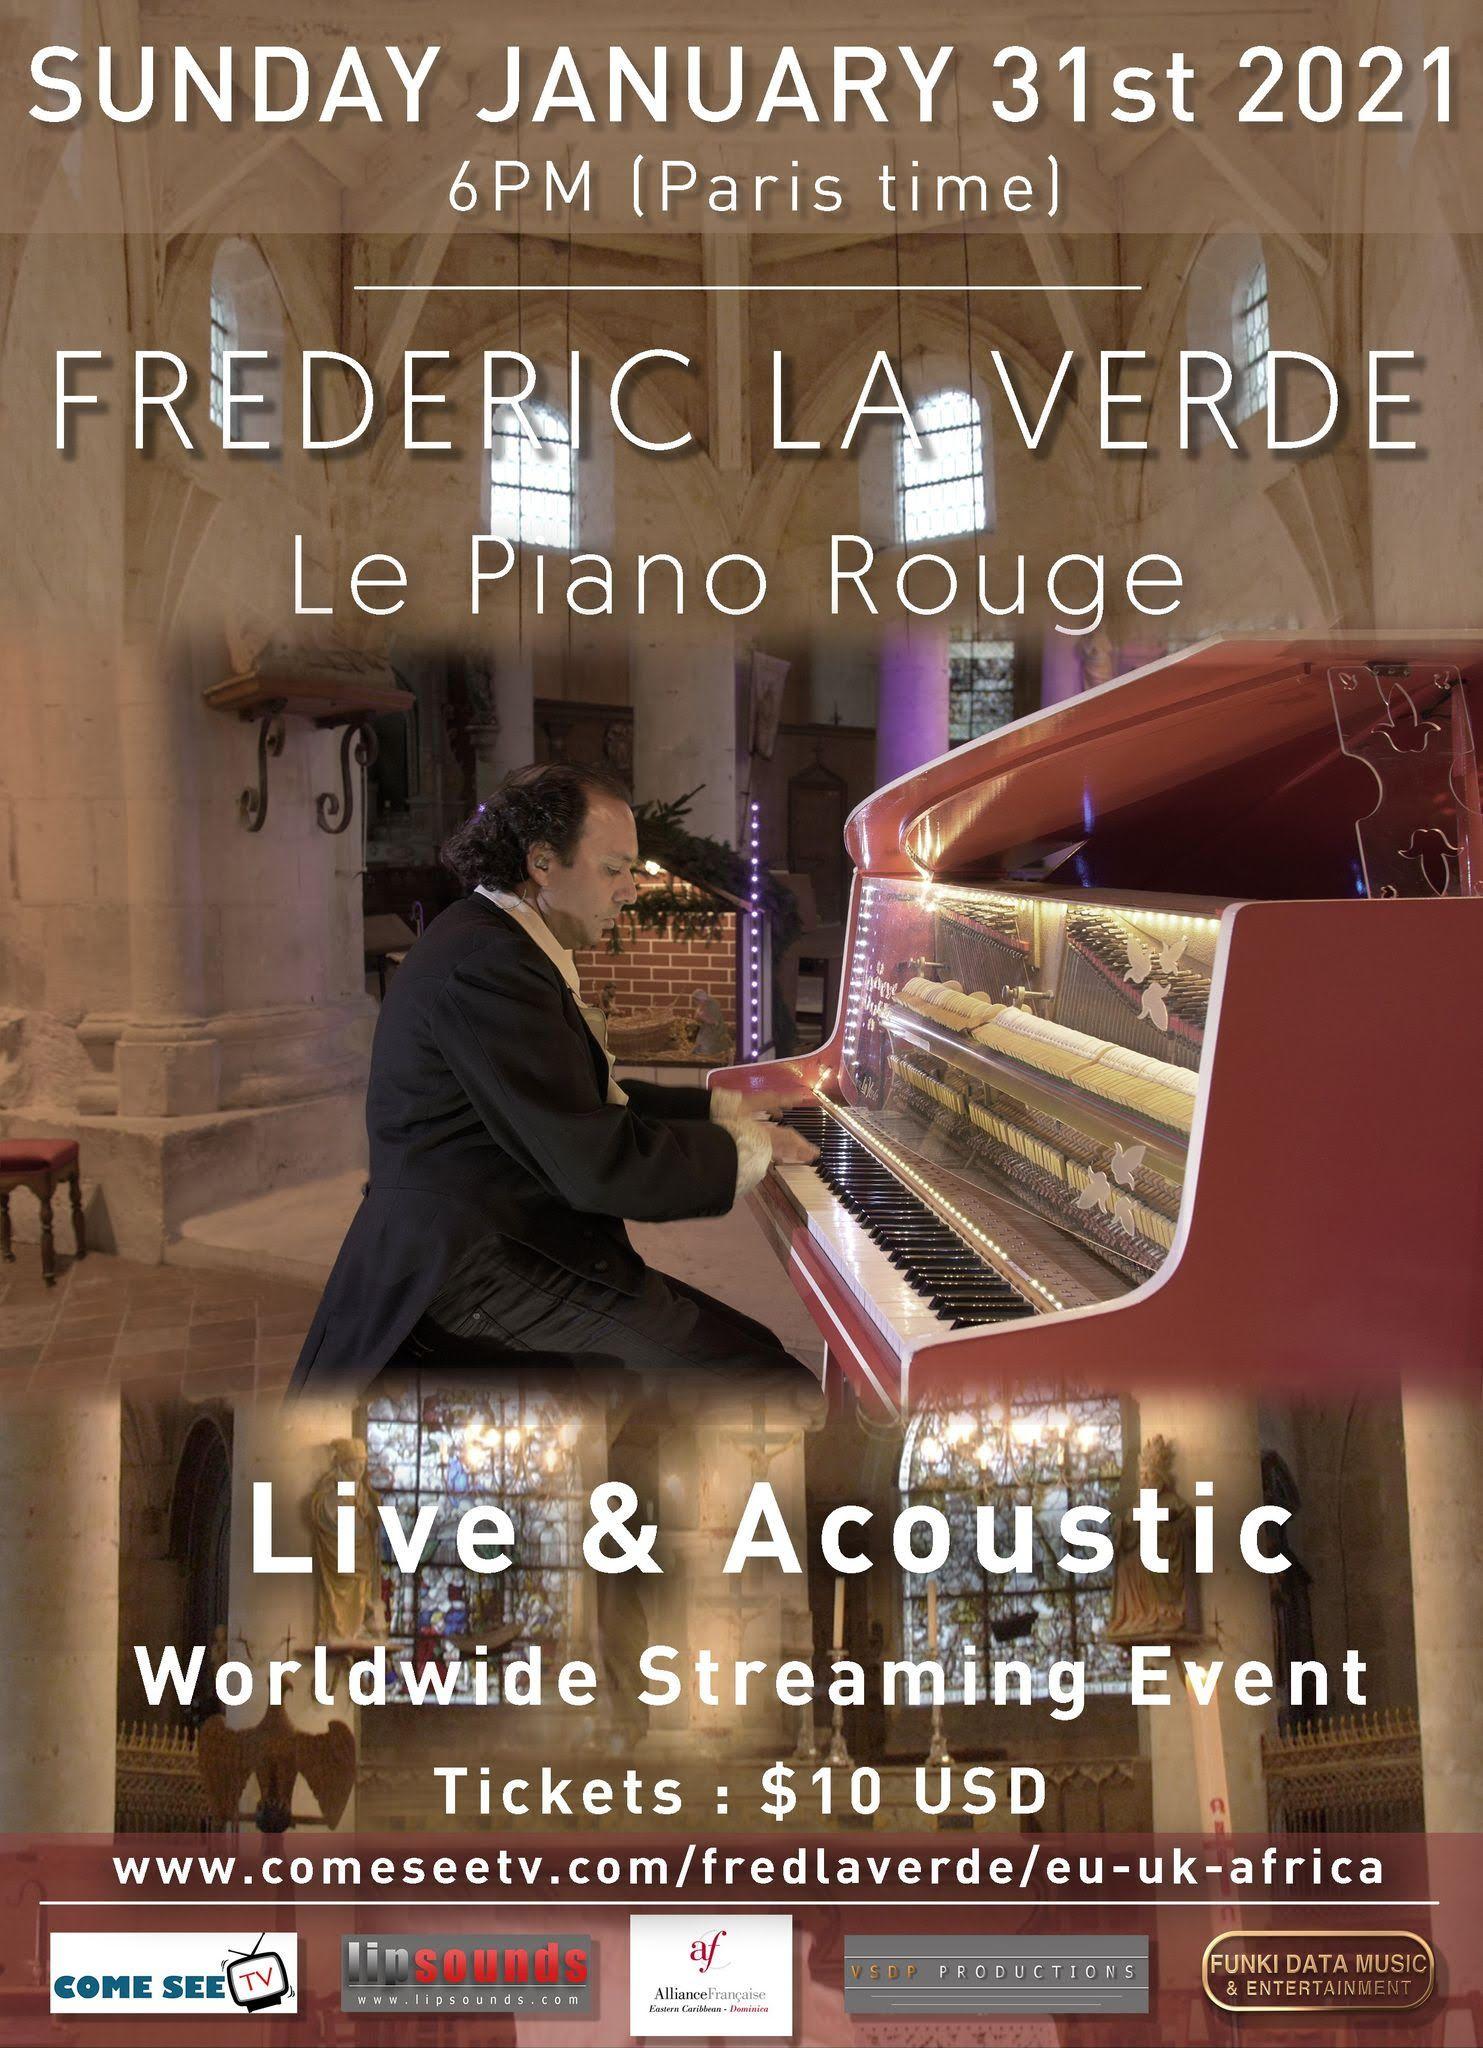 Concert / EUROPE-UK-AFRICA / Frédéric La Verde et Le Piano Rouge